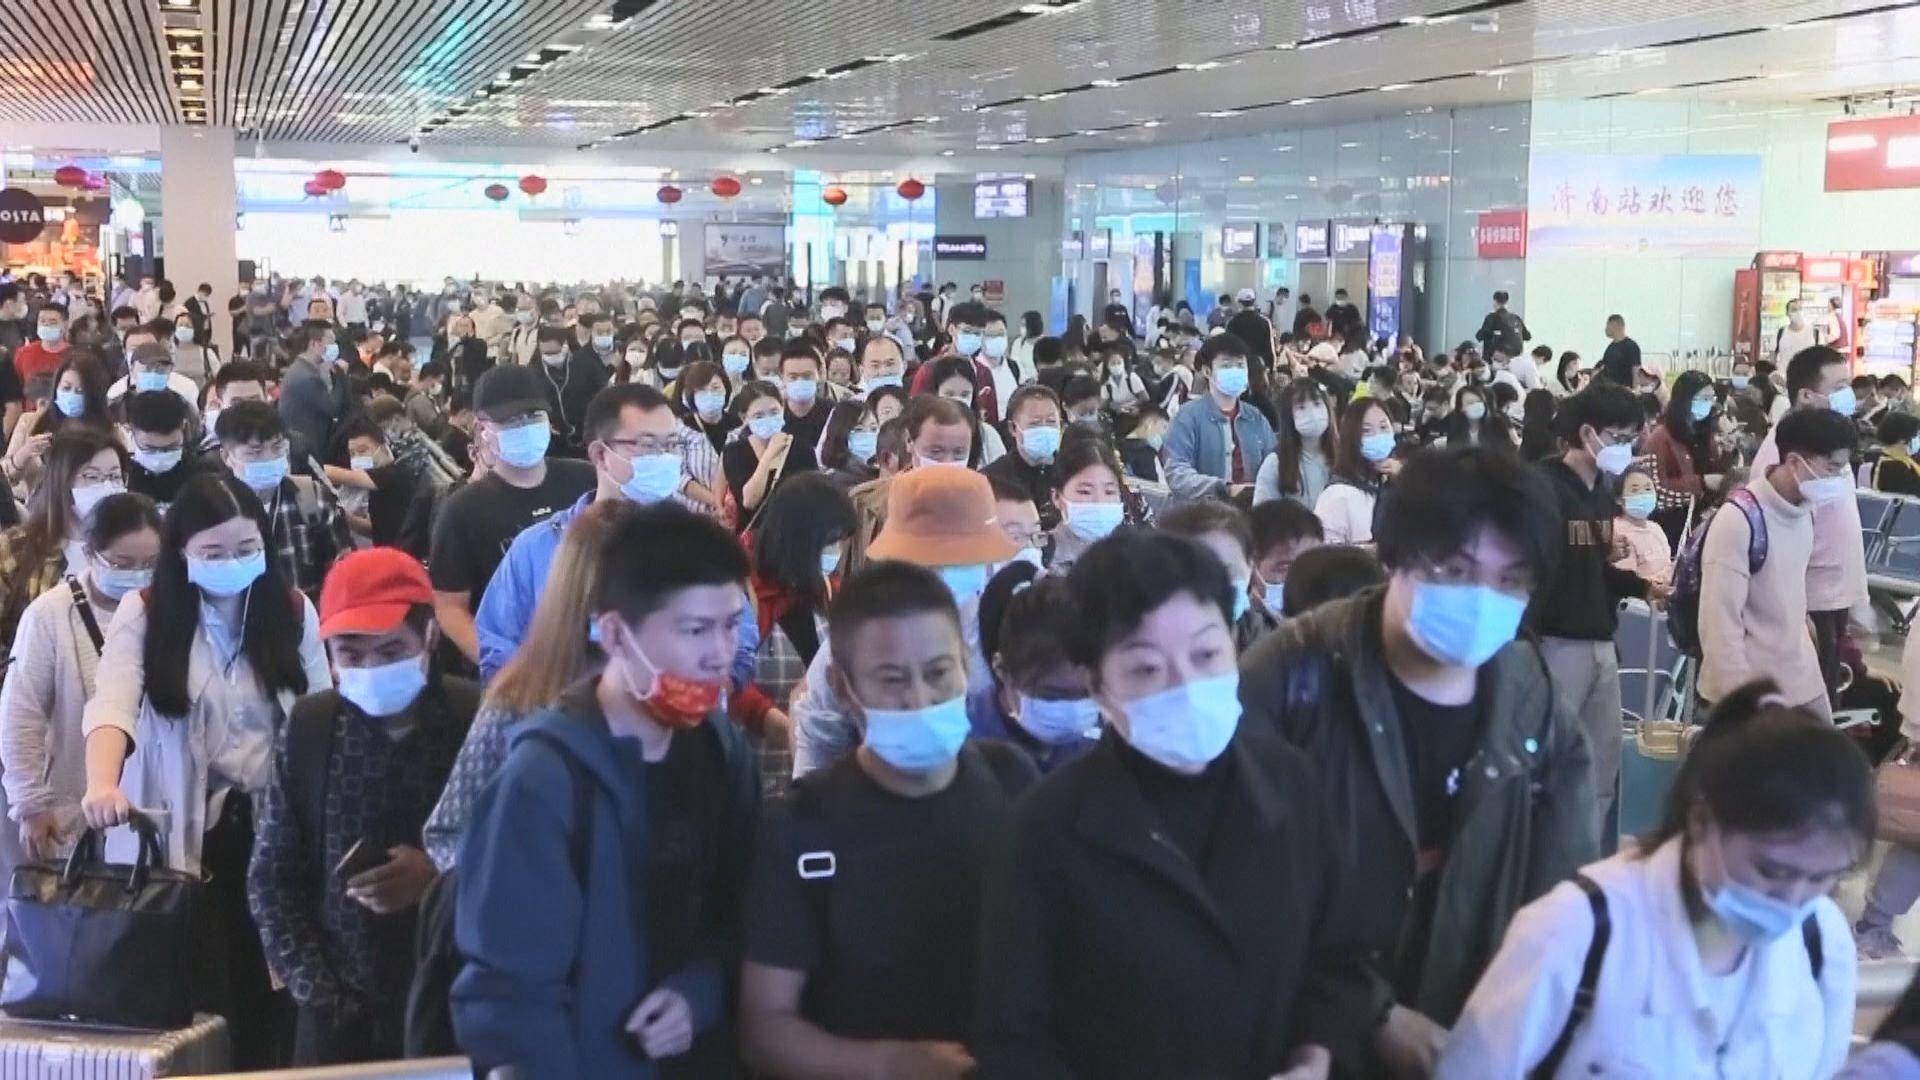 國慶假期將至 衞健委提醒旅客做好疫情防控措施